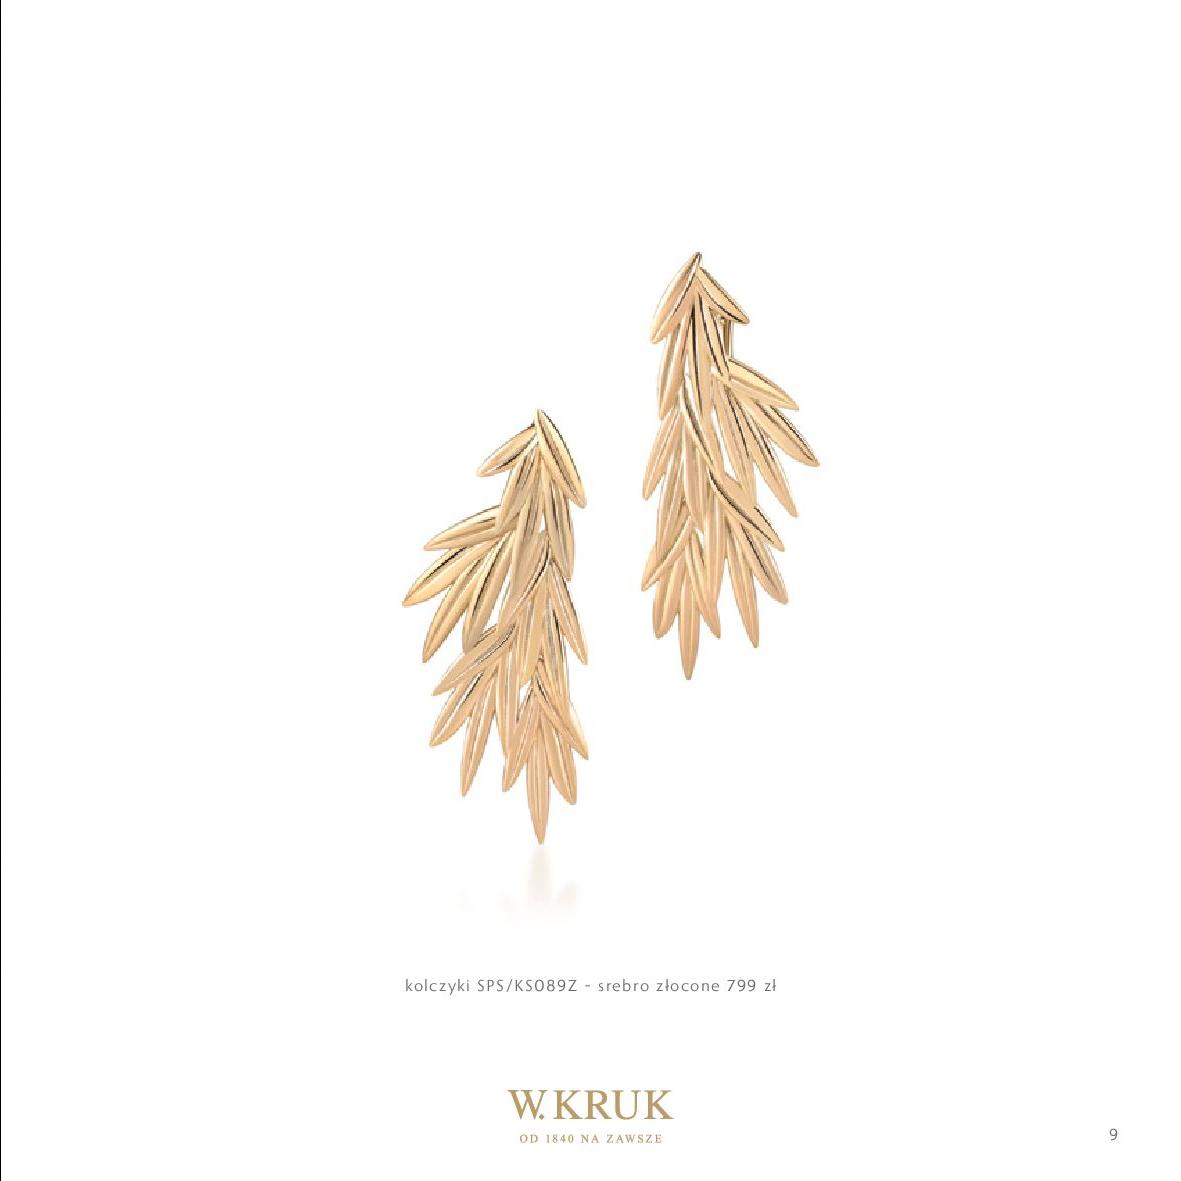 Gazetka W. KRUK: Katalog - Kolekcja Przyjaźń 2021-02-17 page-11